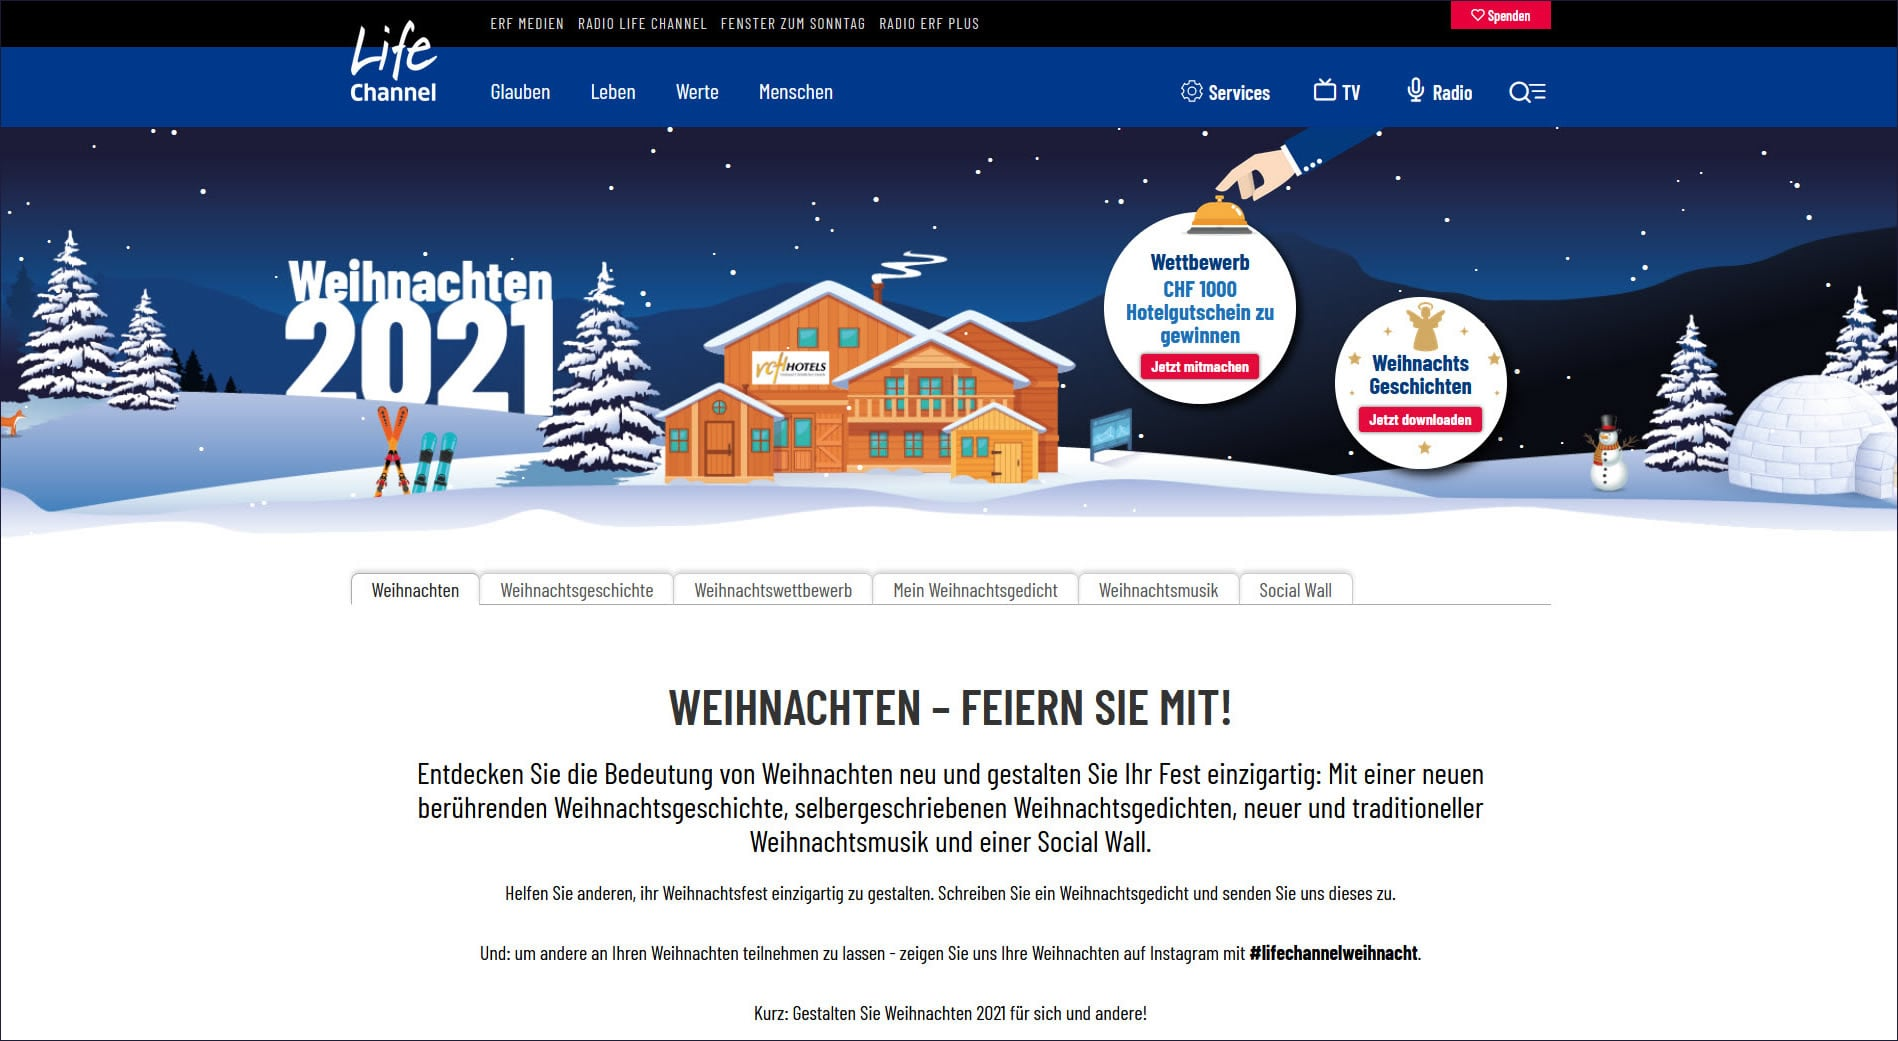 Weihnachten 2021 - jetzt das Weihnachtsfest planen